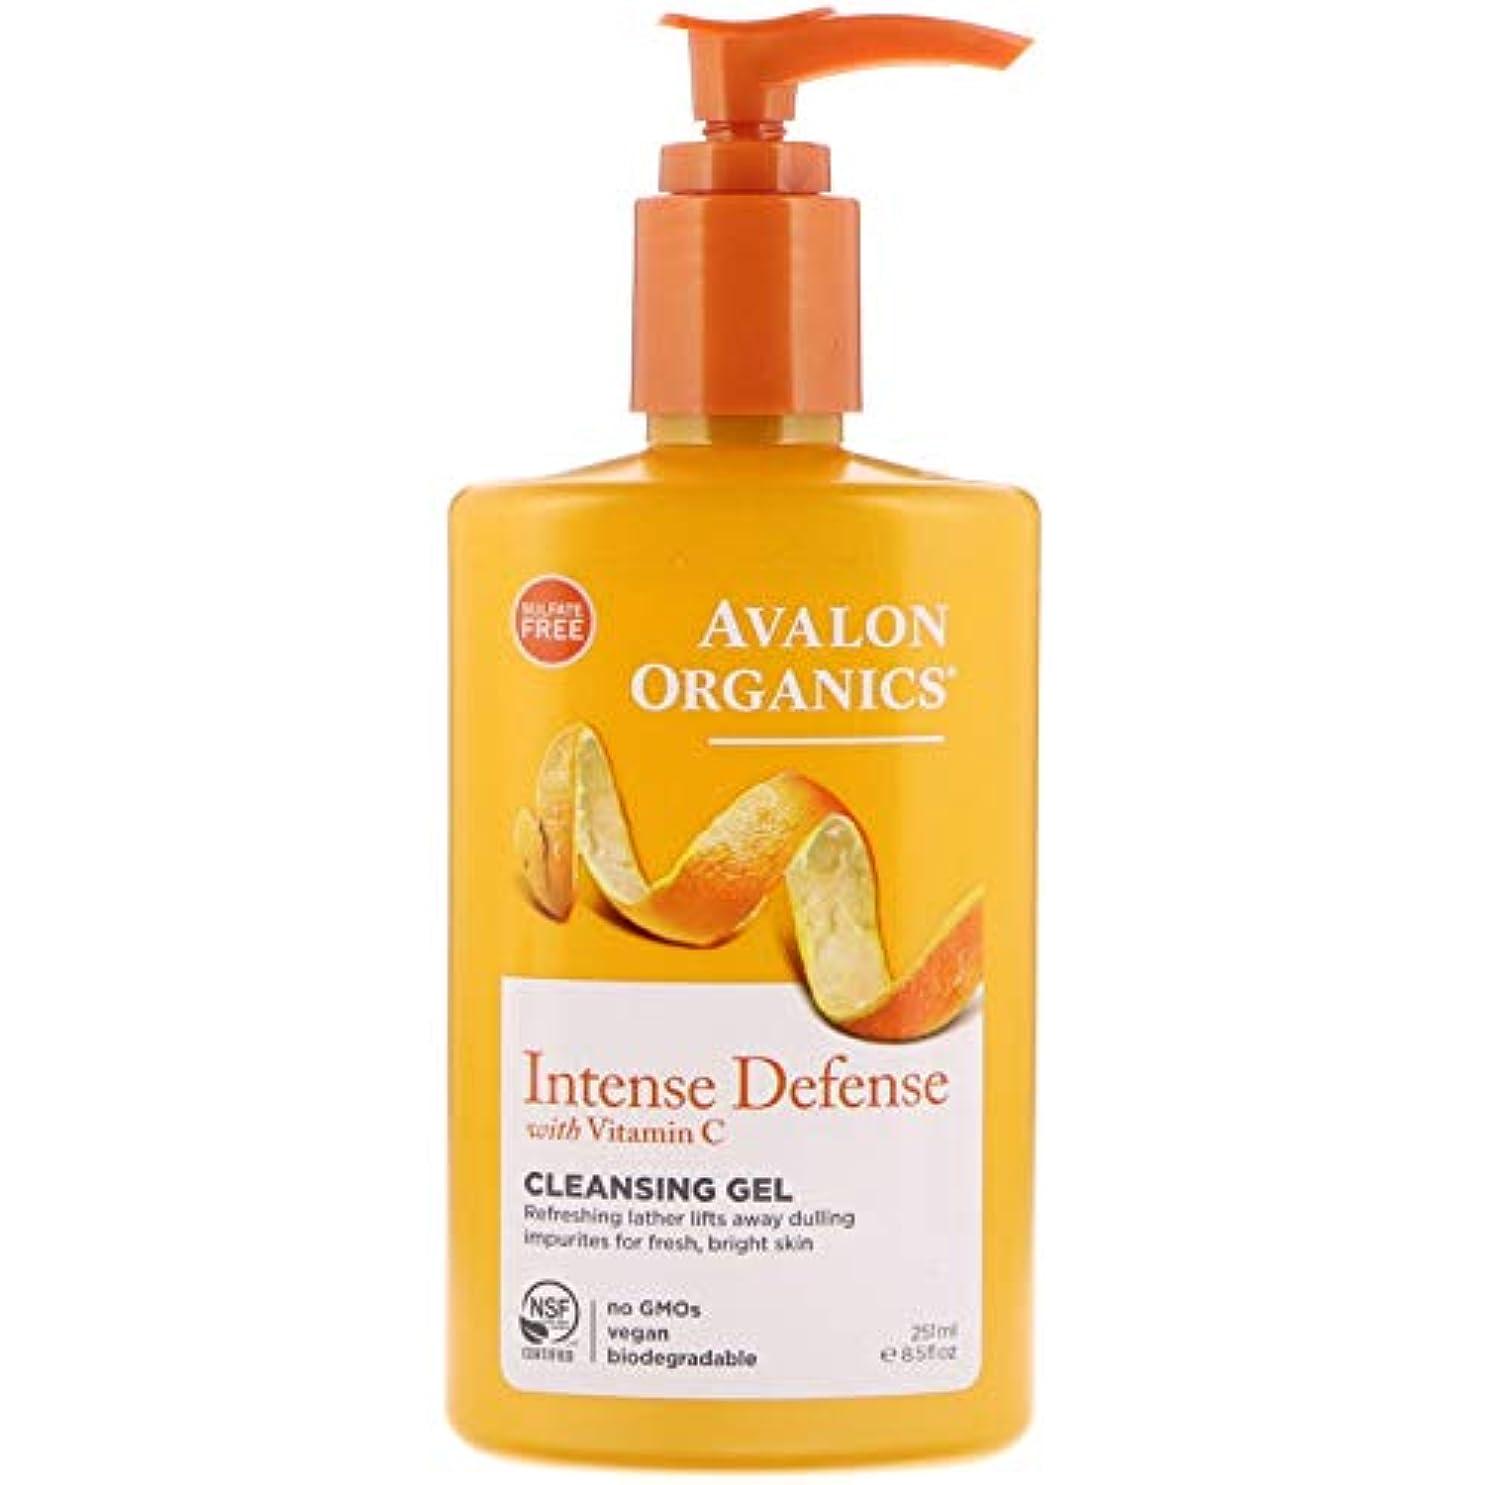 不正確強要マグAvalon Organics ビタミンC リニューアル リフレッシング クレンジングジェル 8.5 fl oz (251 ml) [並行輸入品]